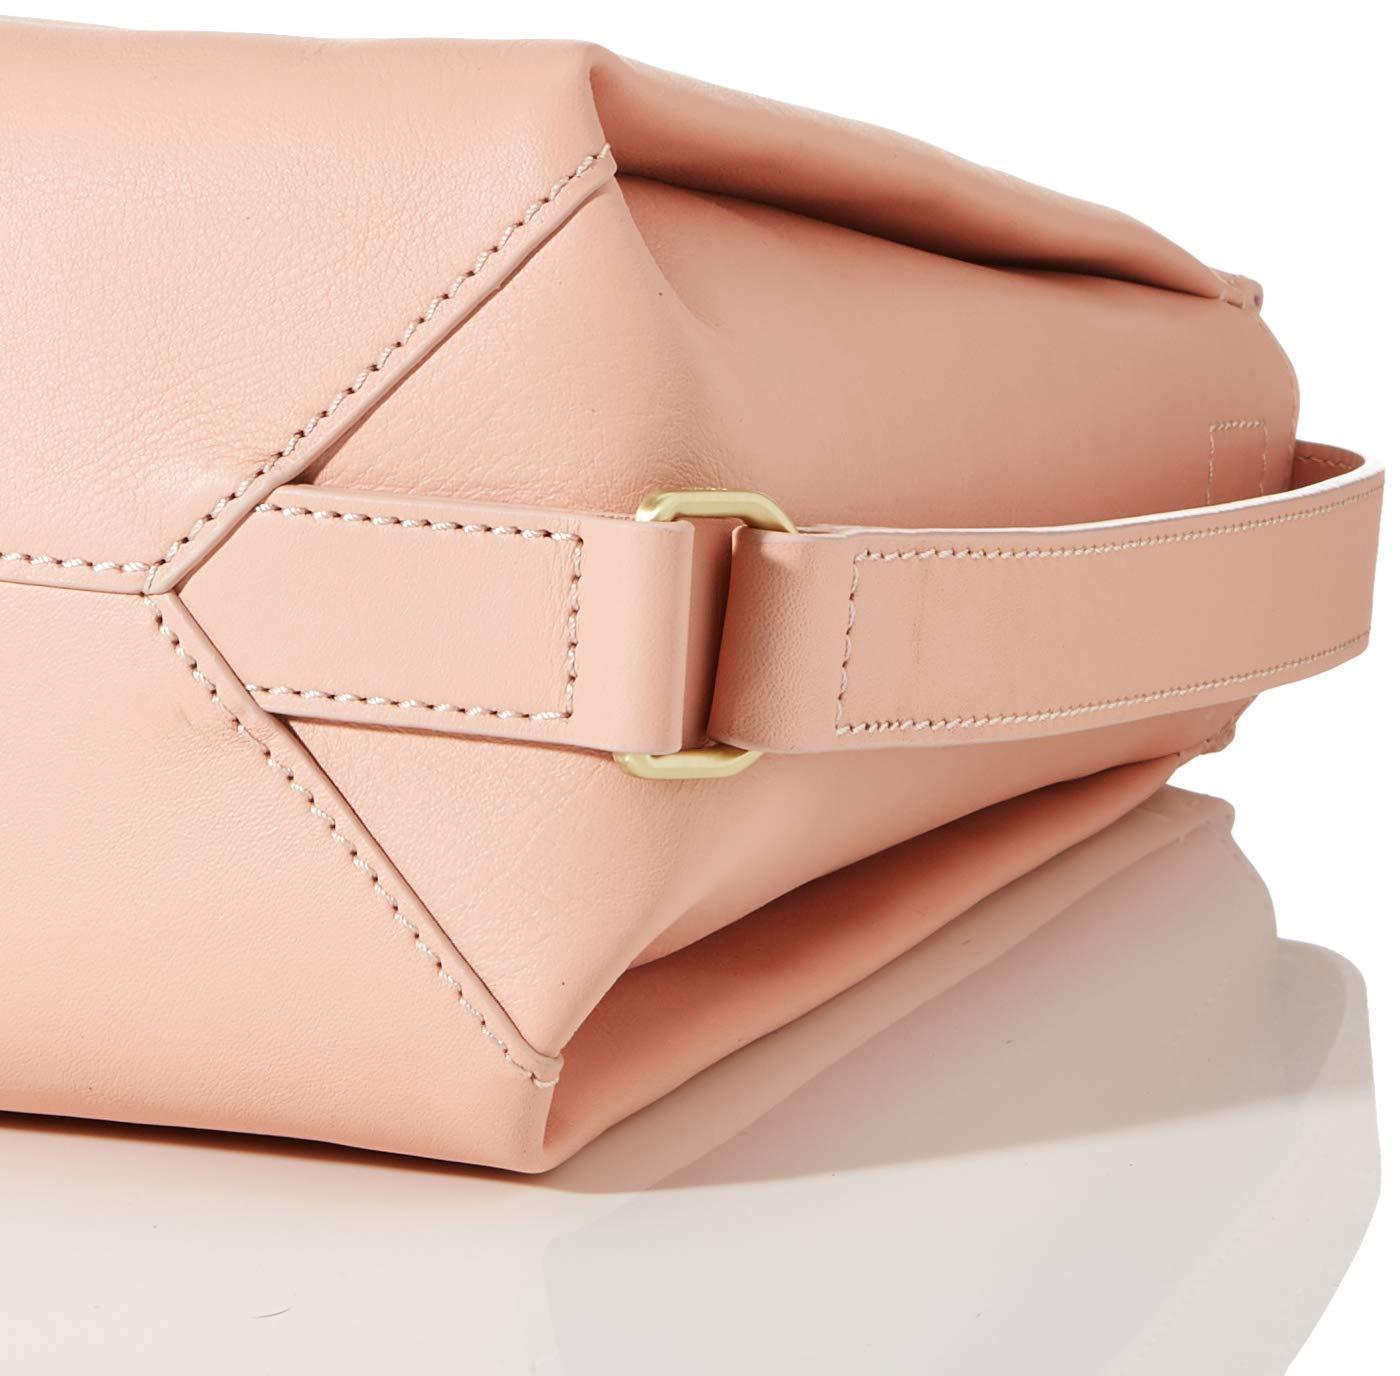 BREE dam Pure 6 ryggsäck, 11 x 27 x 30 cm Röd (parfait)